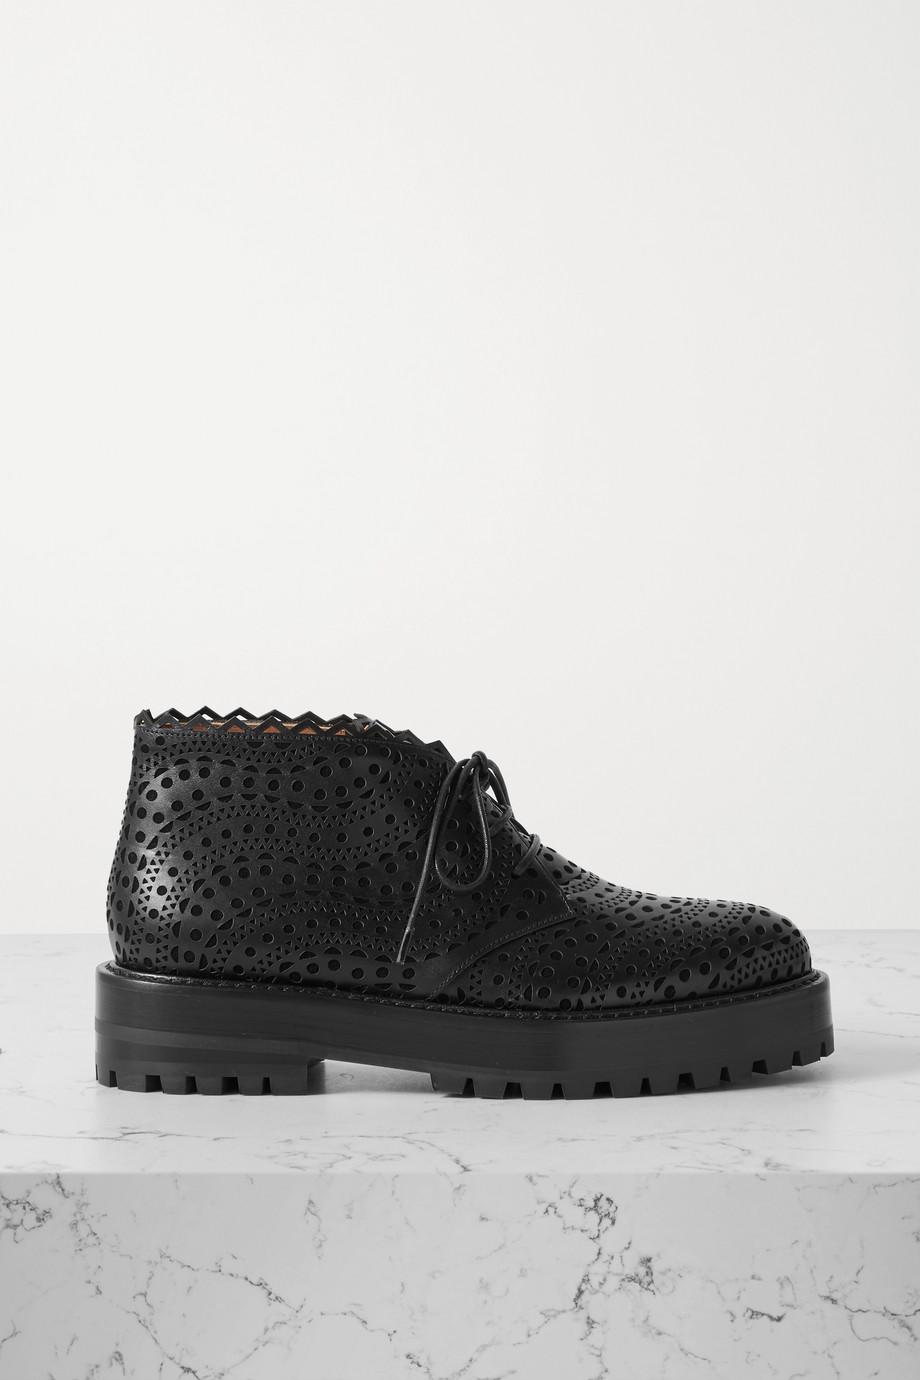 Alaïa Chaussures plates en cuir découpé au laser